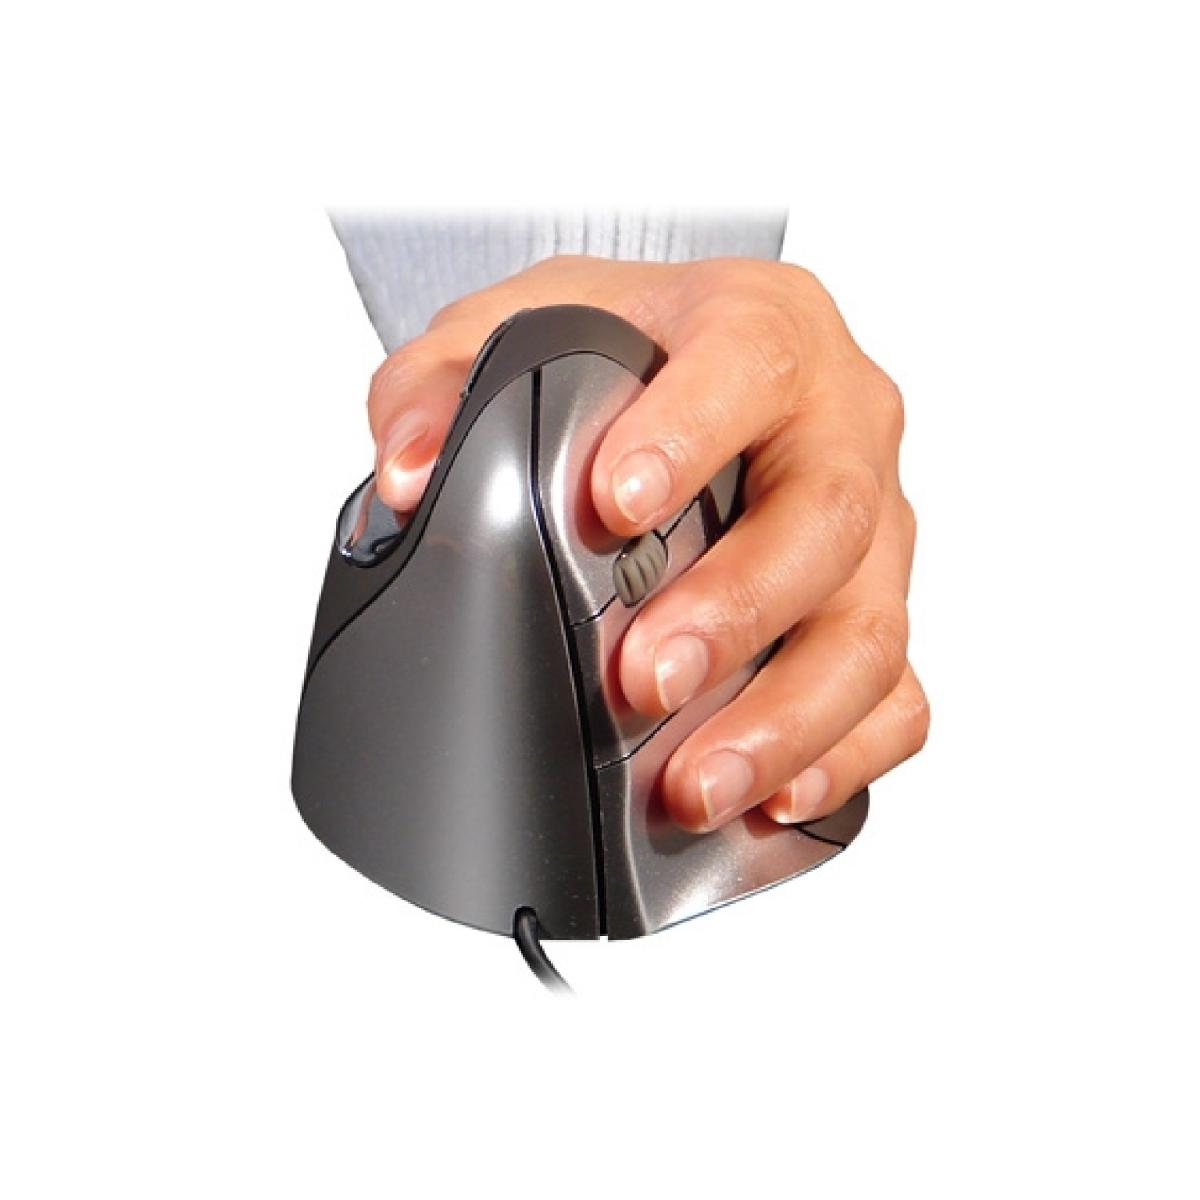 BakkerElkhuizen Evoluent 4 ergonomische muis voor linkshandigen